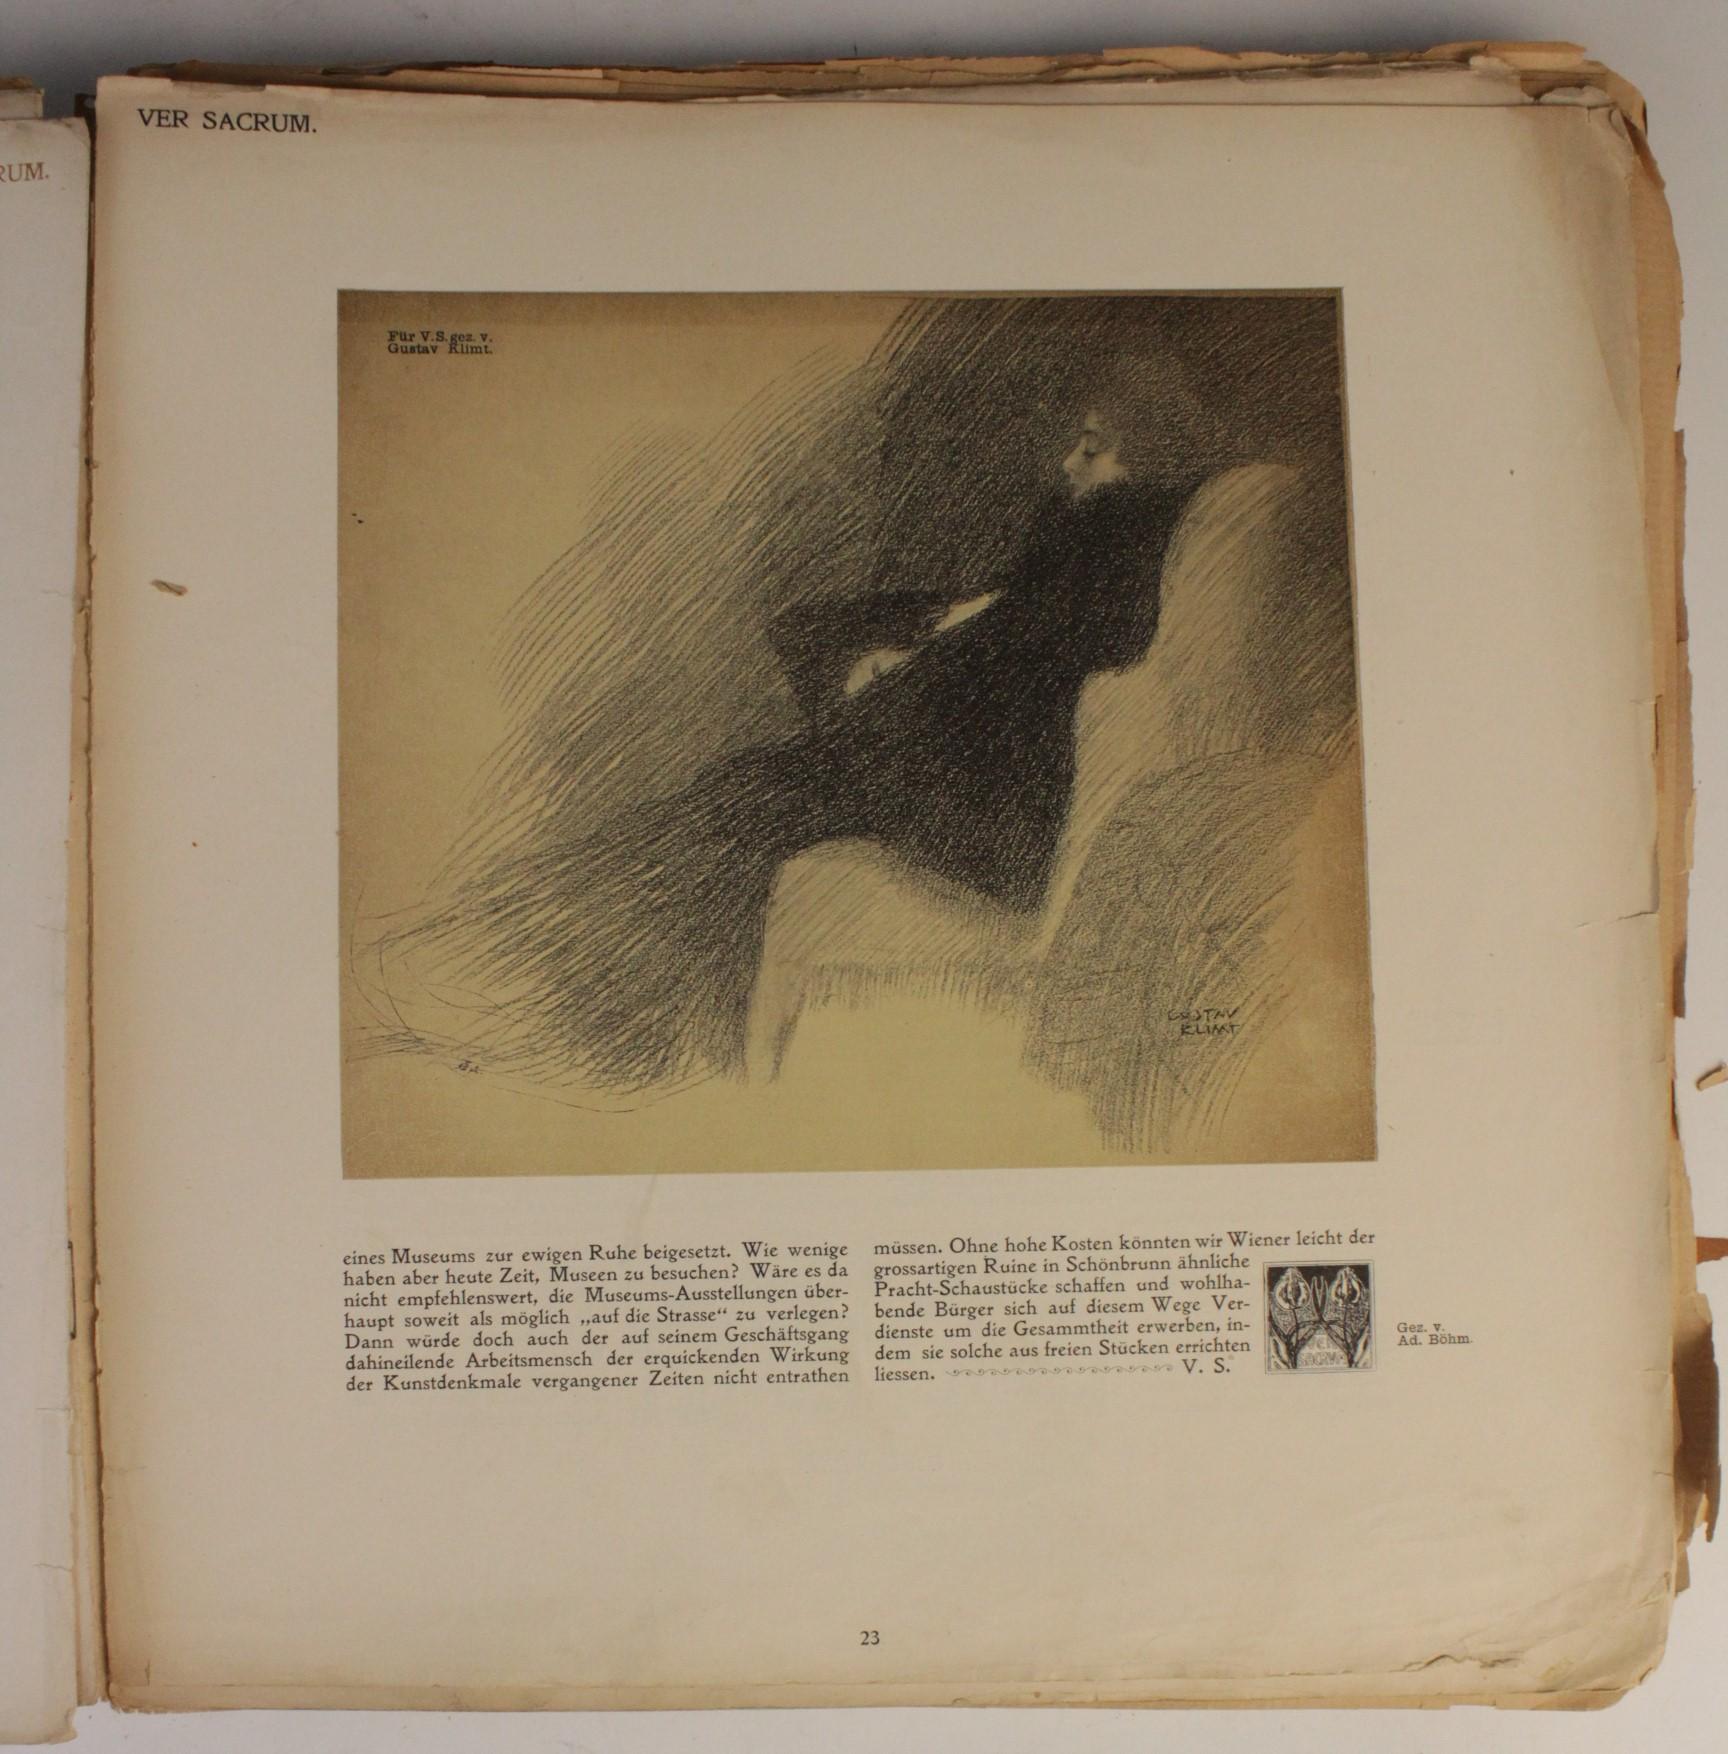 VER SACRUM, ORGAN DER JEREINIGUNG BILDENDER KUENSTLER OSTERREICHS [ORGAN OF THE PURIFICATION OF - Image 12 of 16